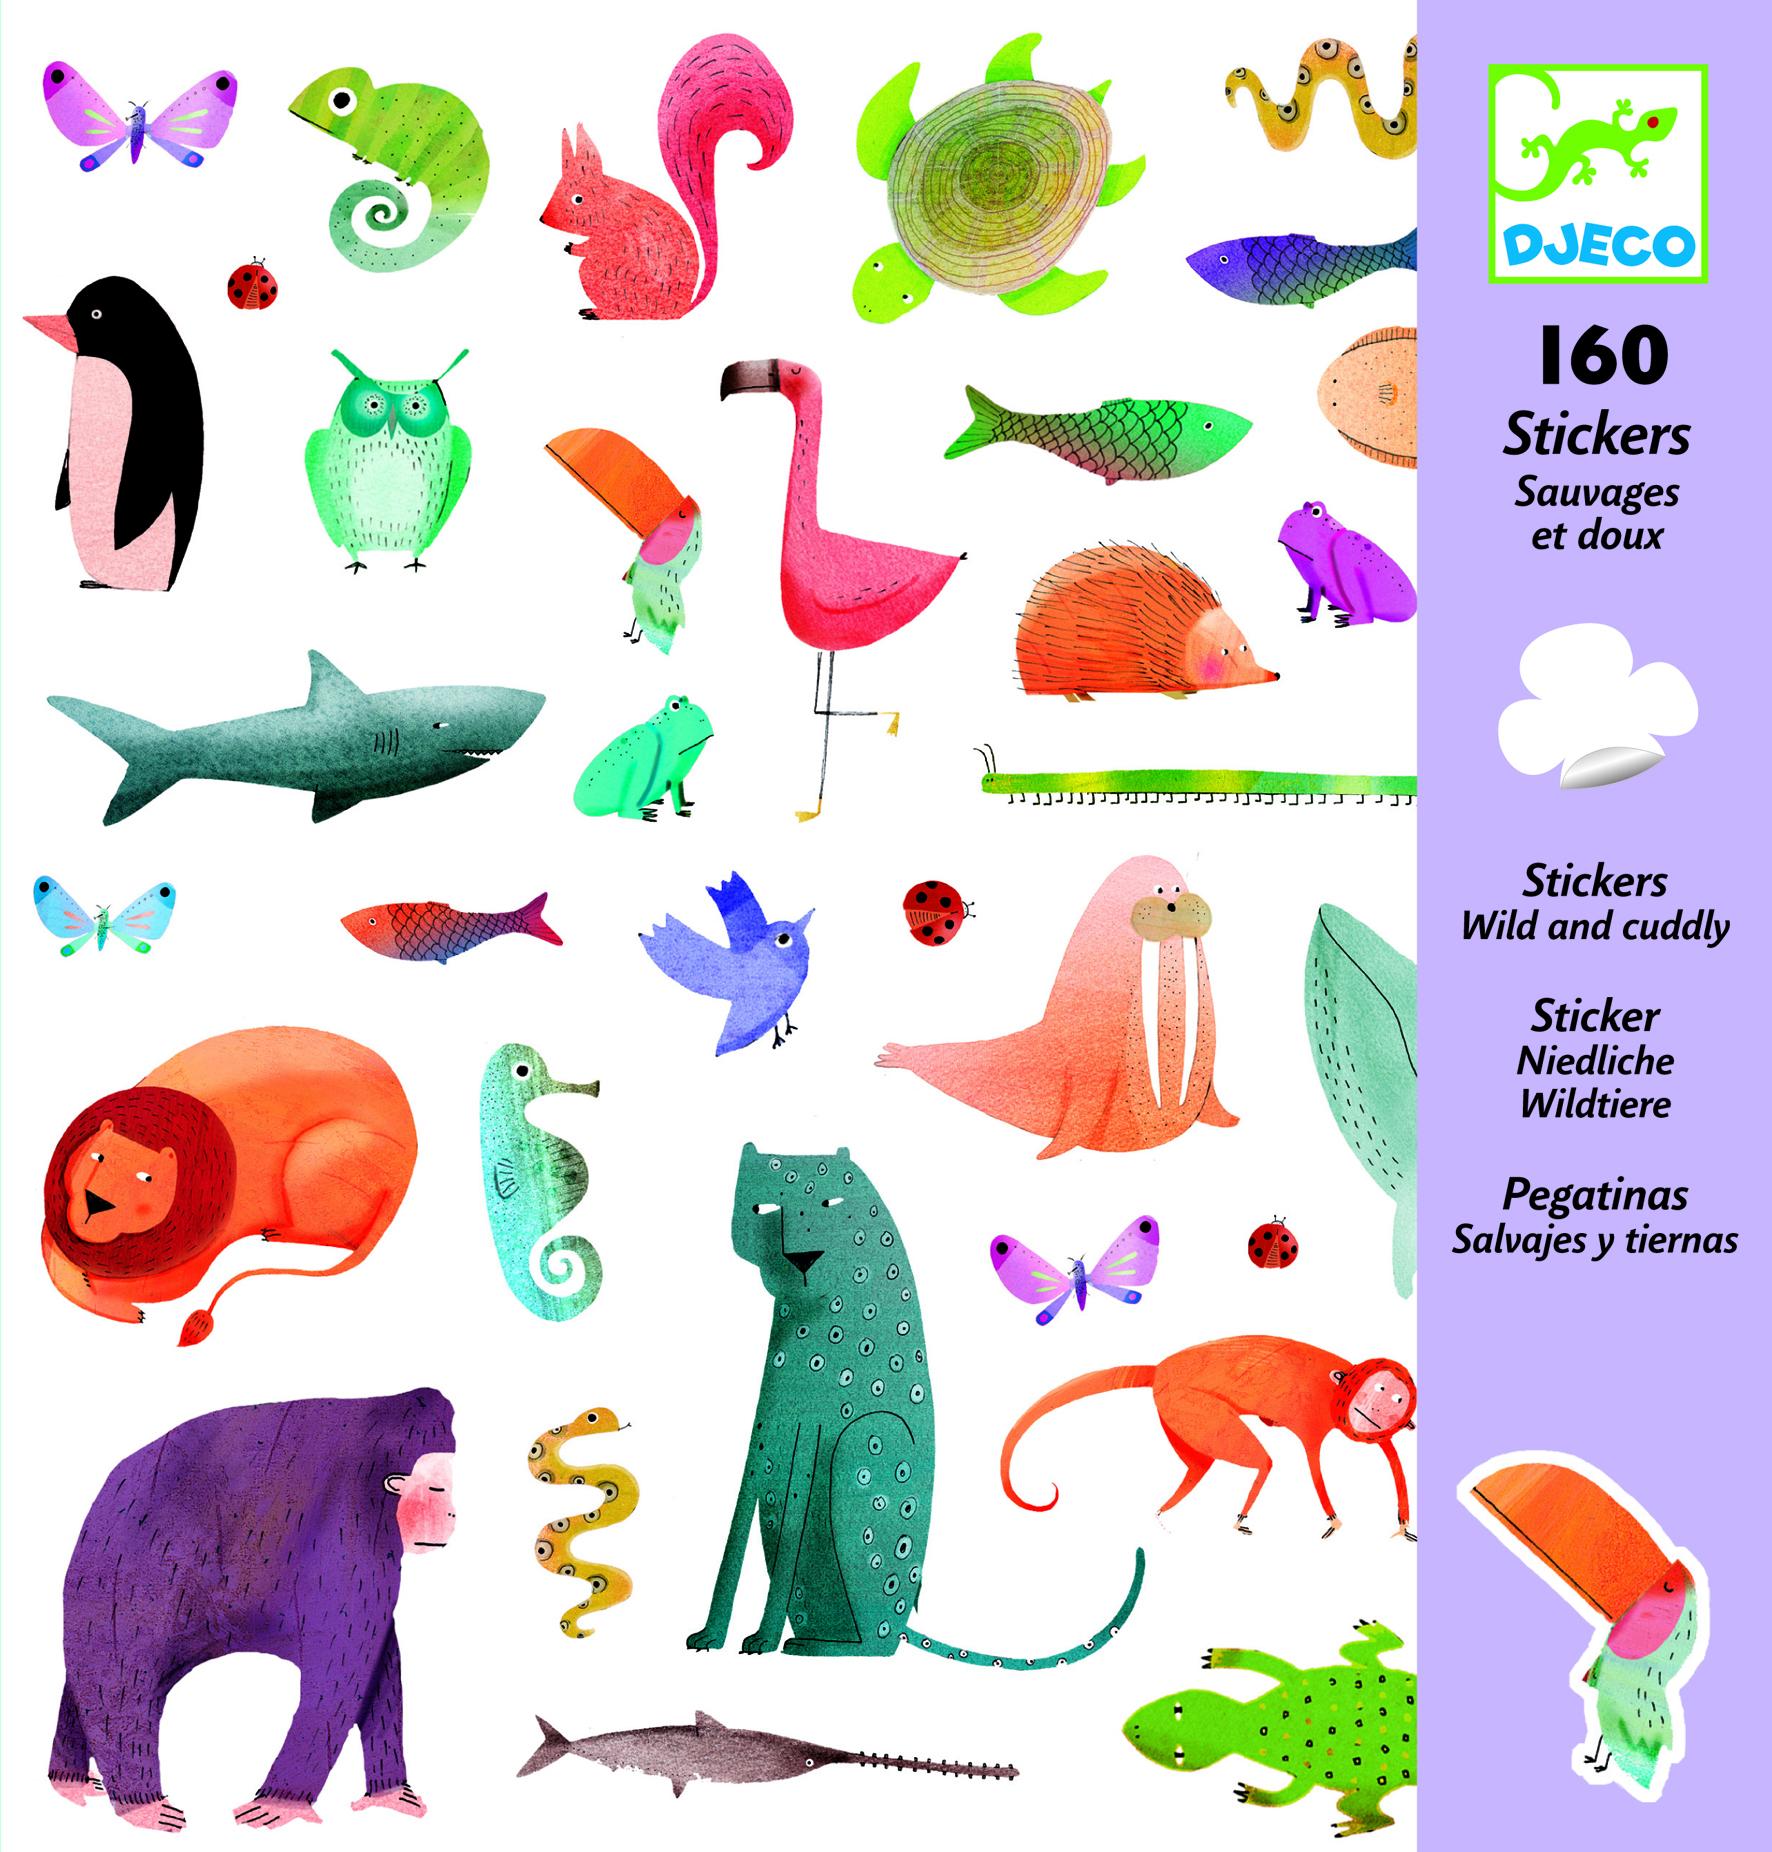 Abtibilduri animale prietenoase djeco imagine